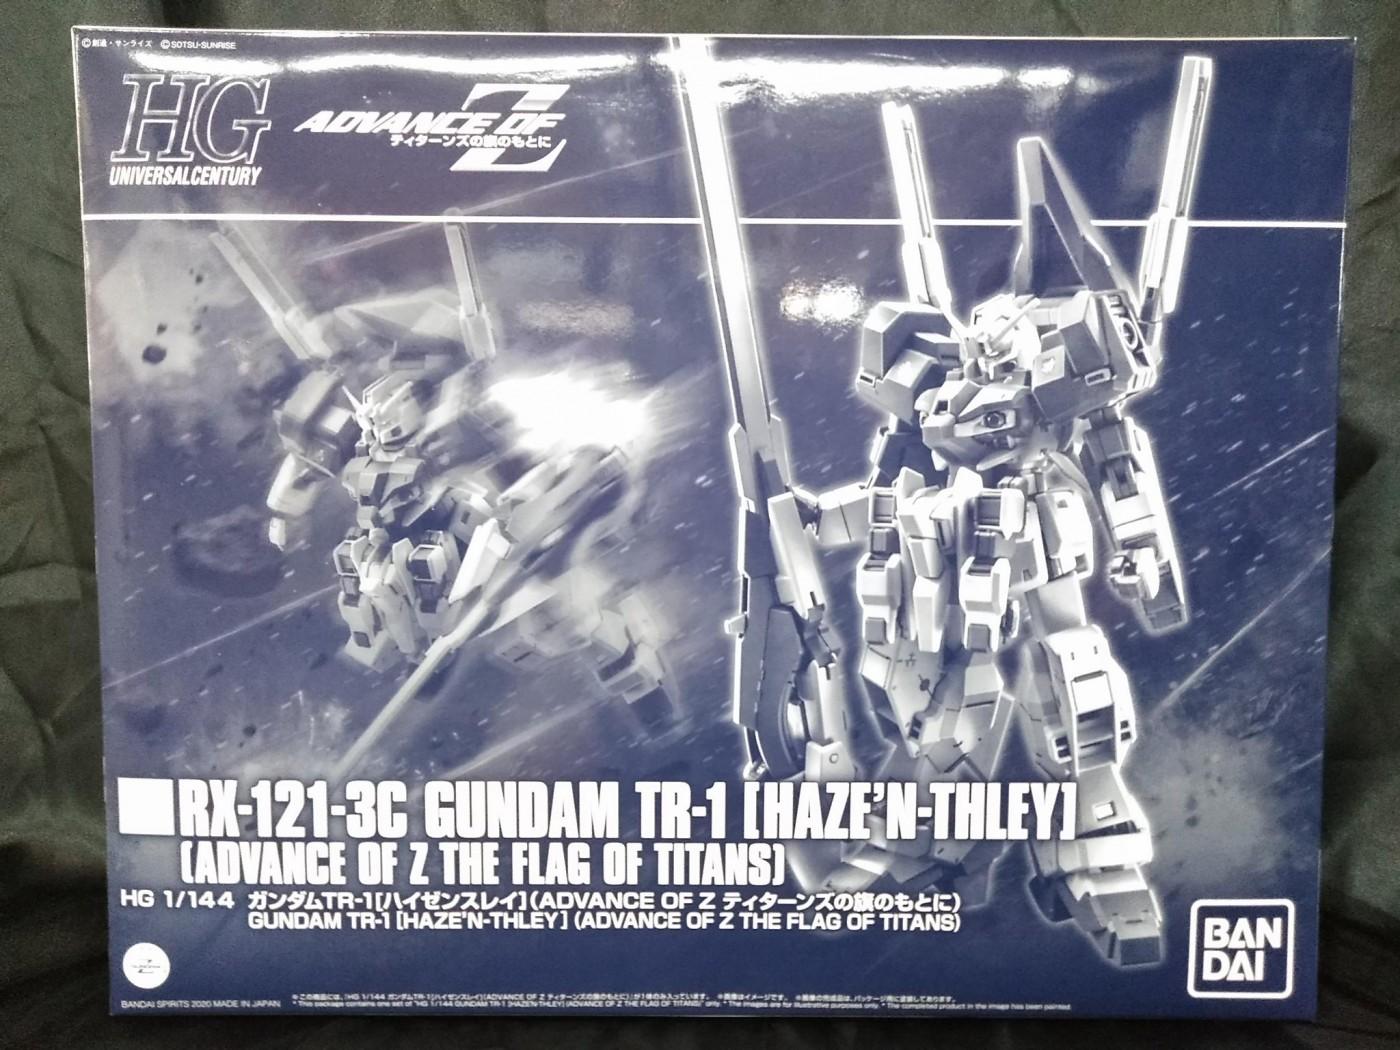 ゼスト所沢店の買取情報!!『バンダイの1/144 HG RX-121-3C ガンダムTR-1 ハイゼンスレイ 「ADVANCE OF Z ~ティターンズの旗のもとに~」』